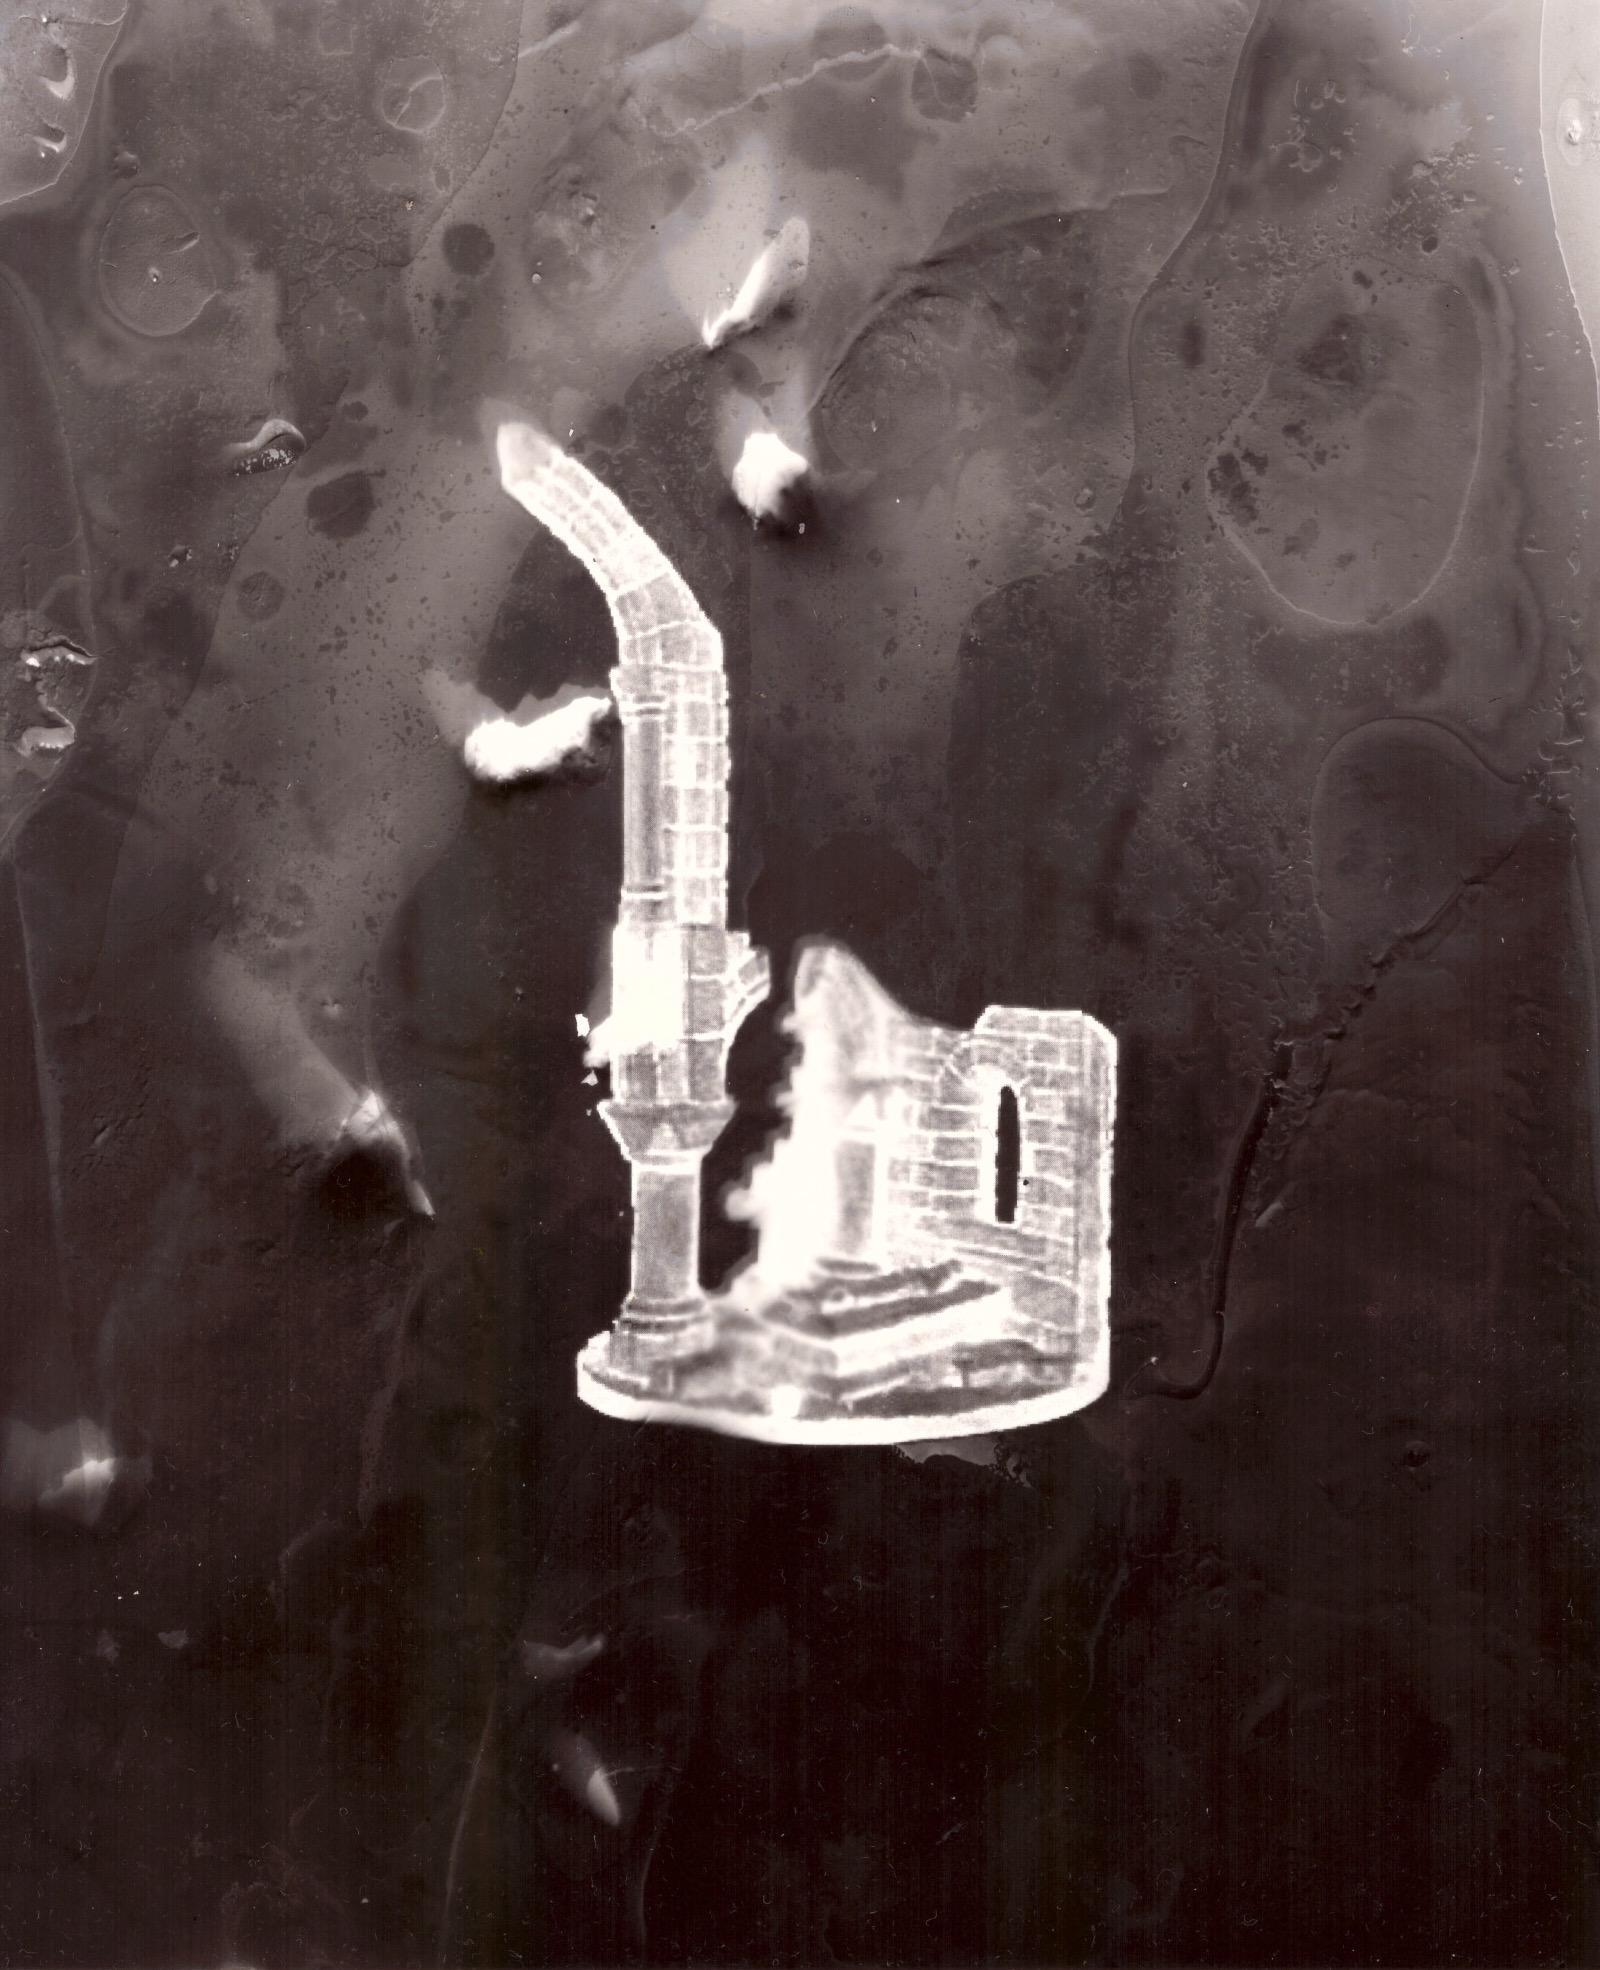 Submergées (ruines d'aquarium), 2020